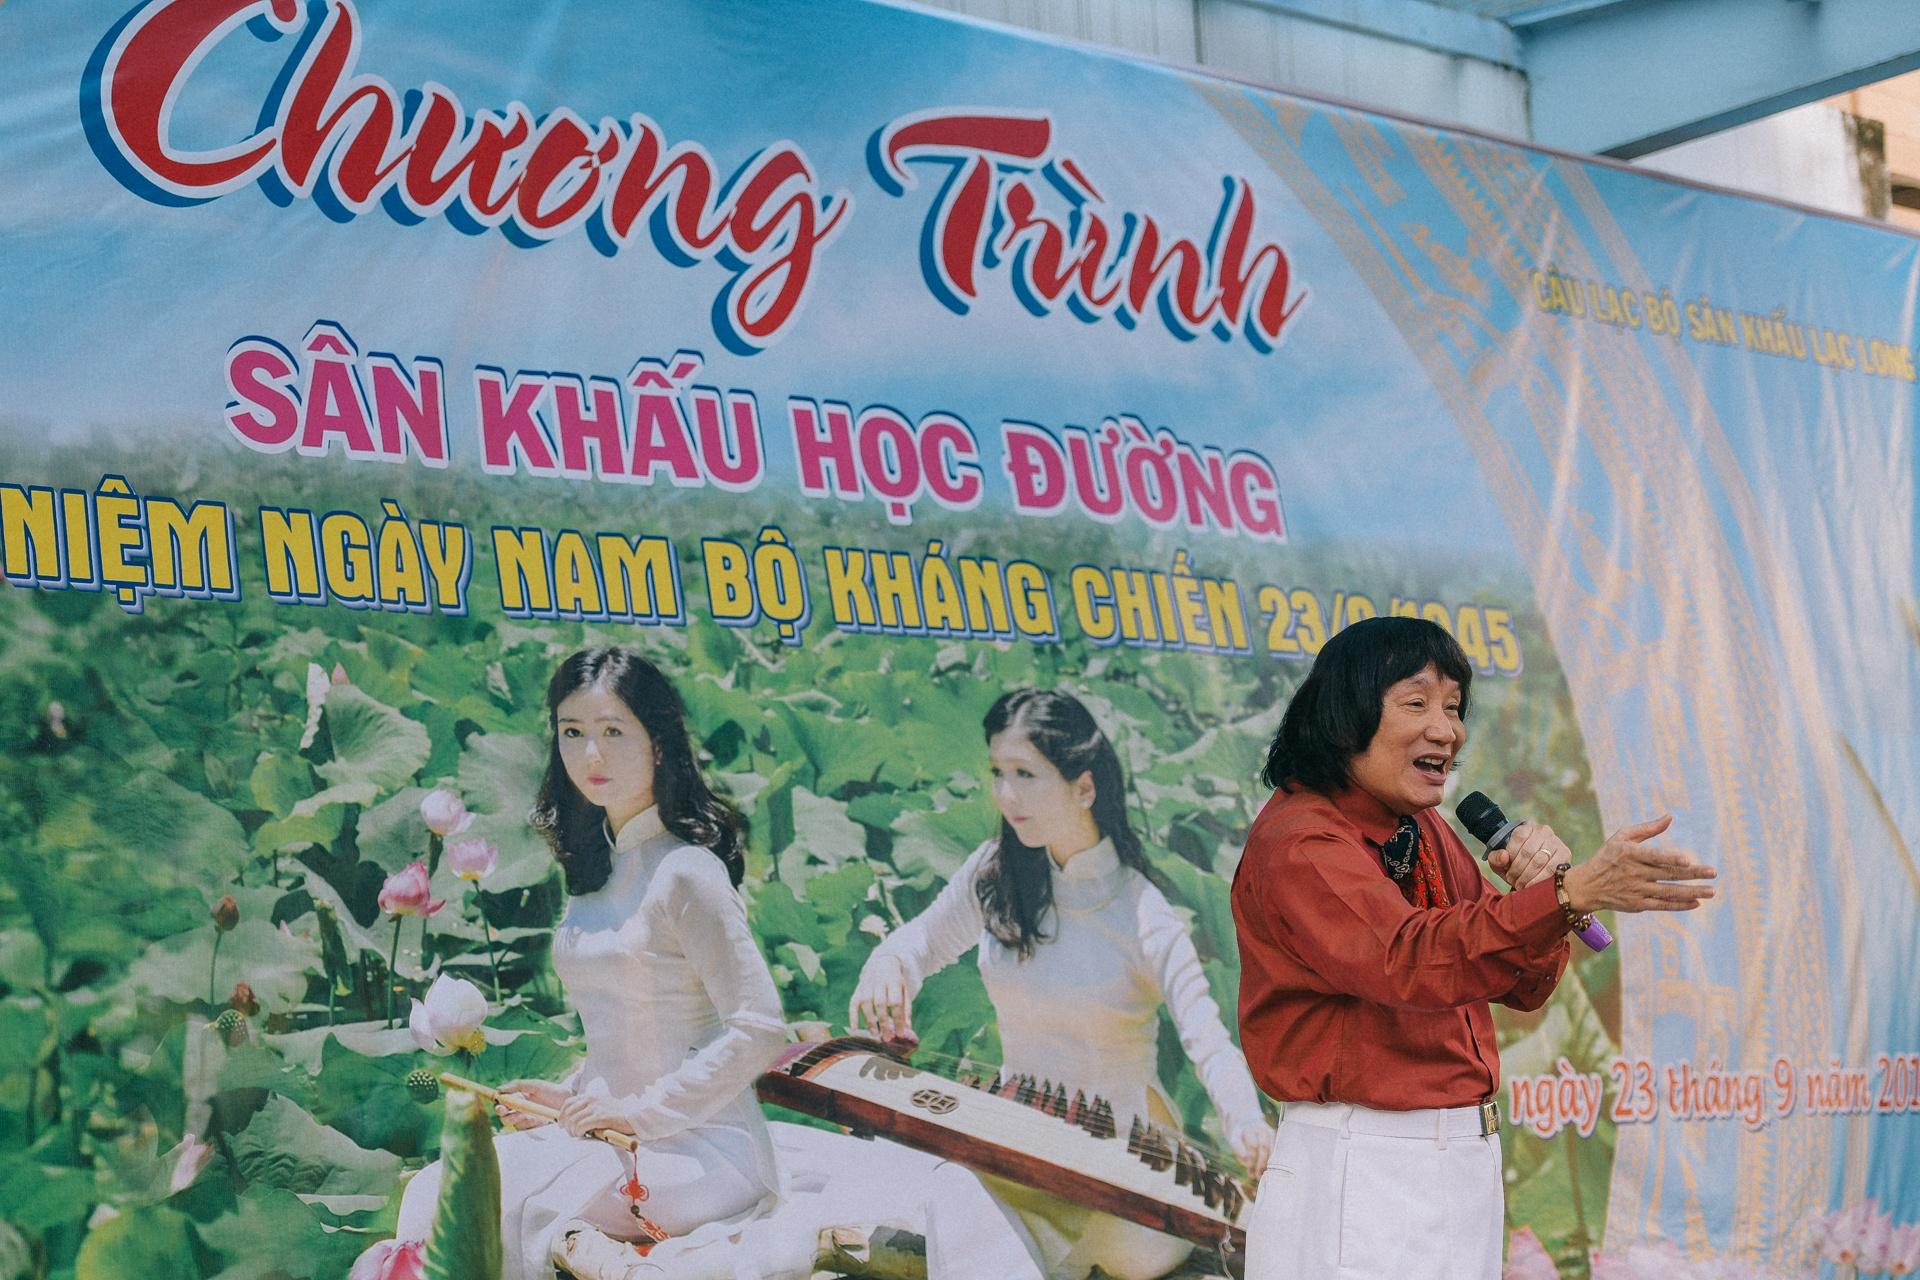 NSND Minh Vuong: 'Toi hoi sinh nho ghep than cua mot chang trai tre' hinh anh 11